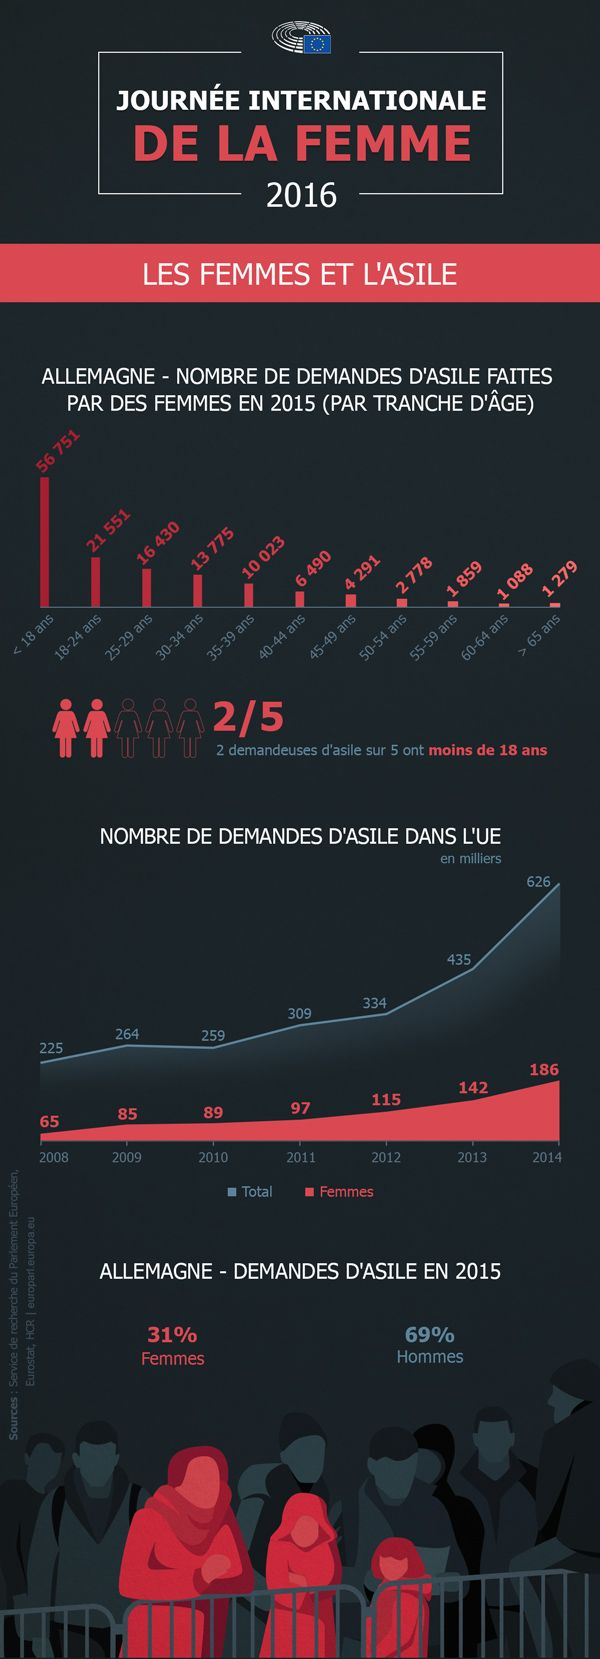 Deux demandeuses d'asile sur cinq dans l'Union européenne ont moins de 18 ans